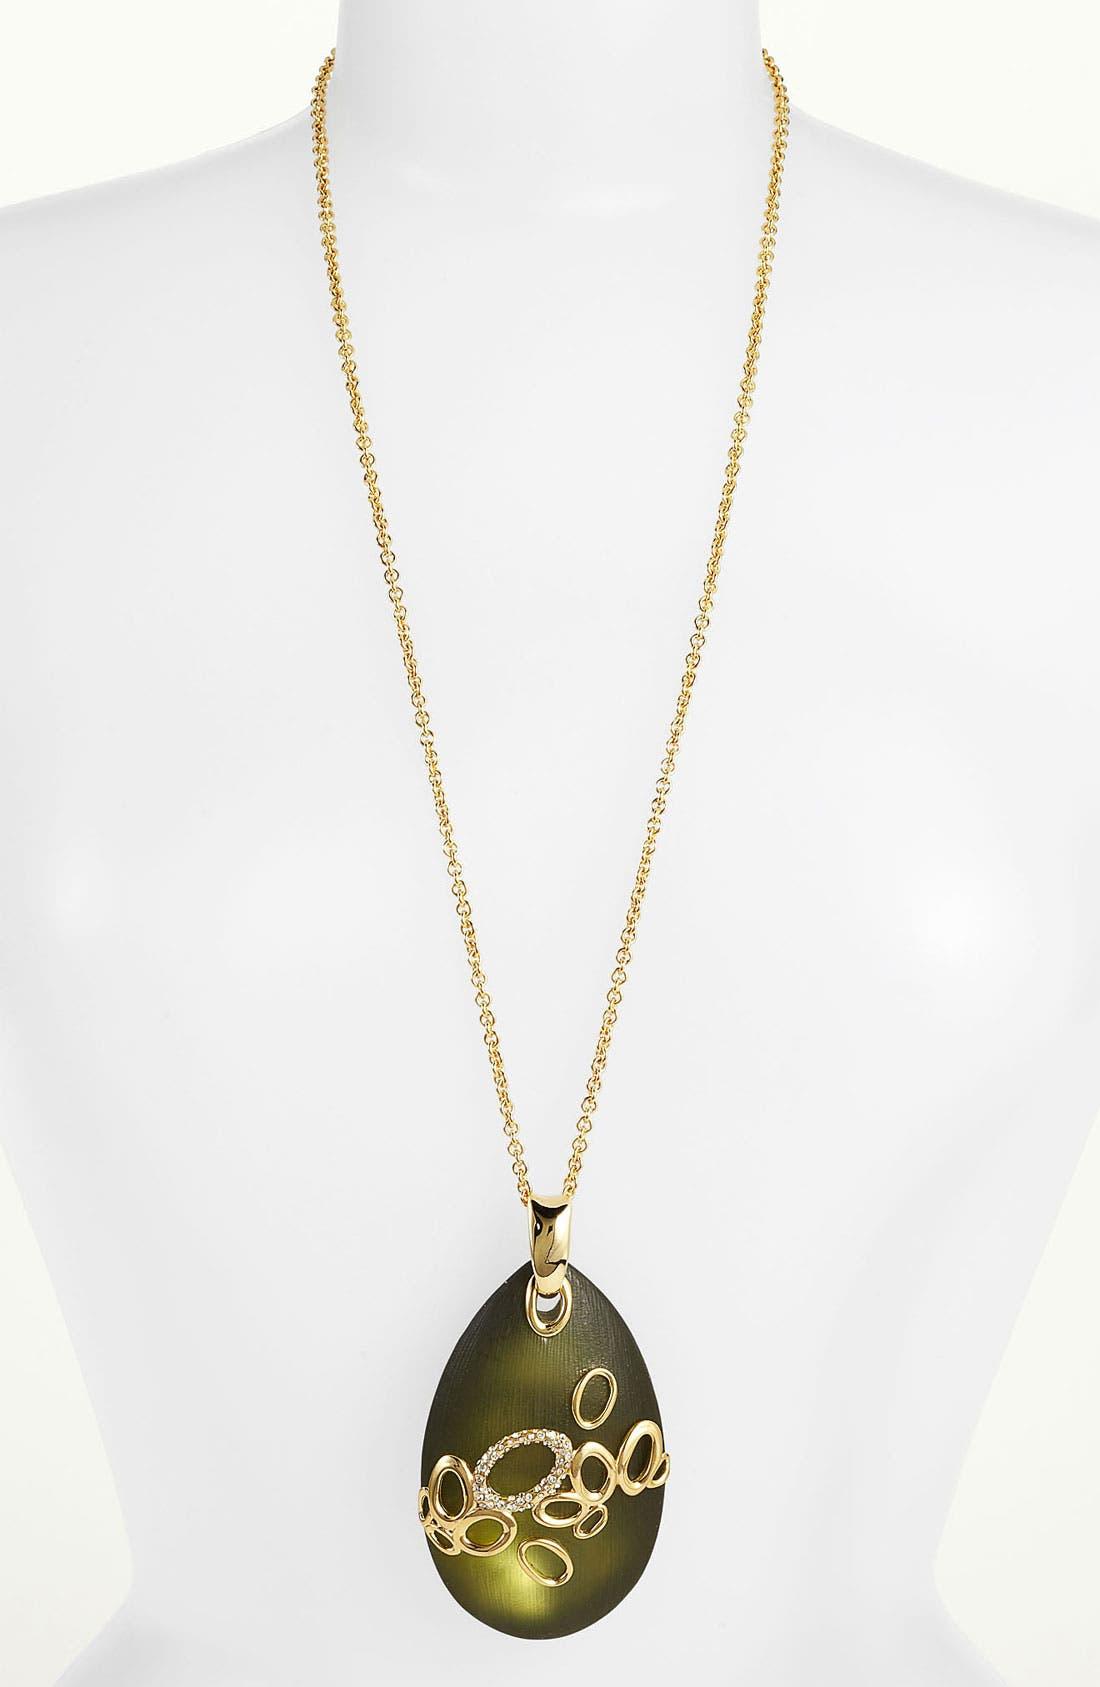 Main Image - Alexis Bittar 'Modular' Pendant Necklace